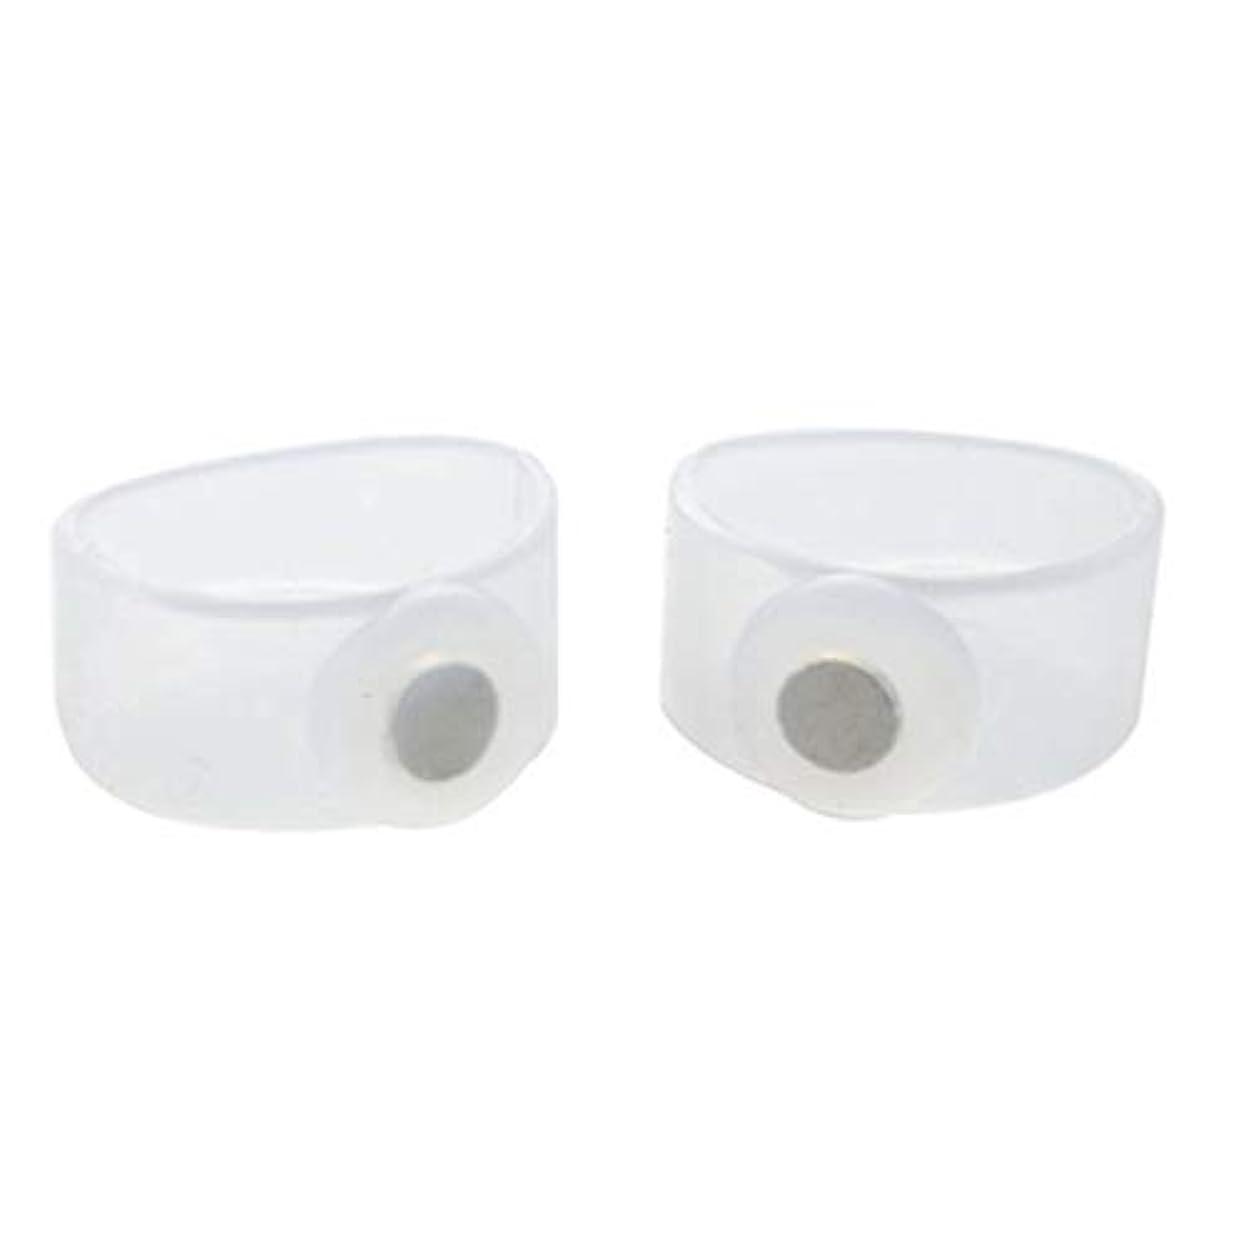 贅沢な半円後ろに2ピース痩身シリコン磁気フットマッサージャーマッサージリラックスつま先リング用減量ヘルスケアツール美容製品 - 透明